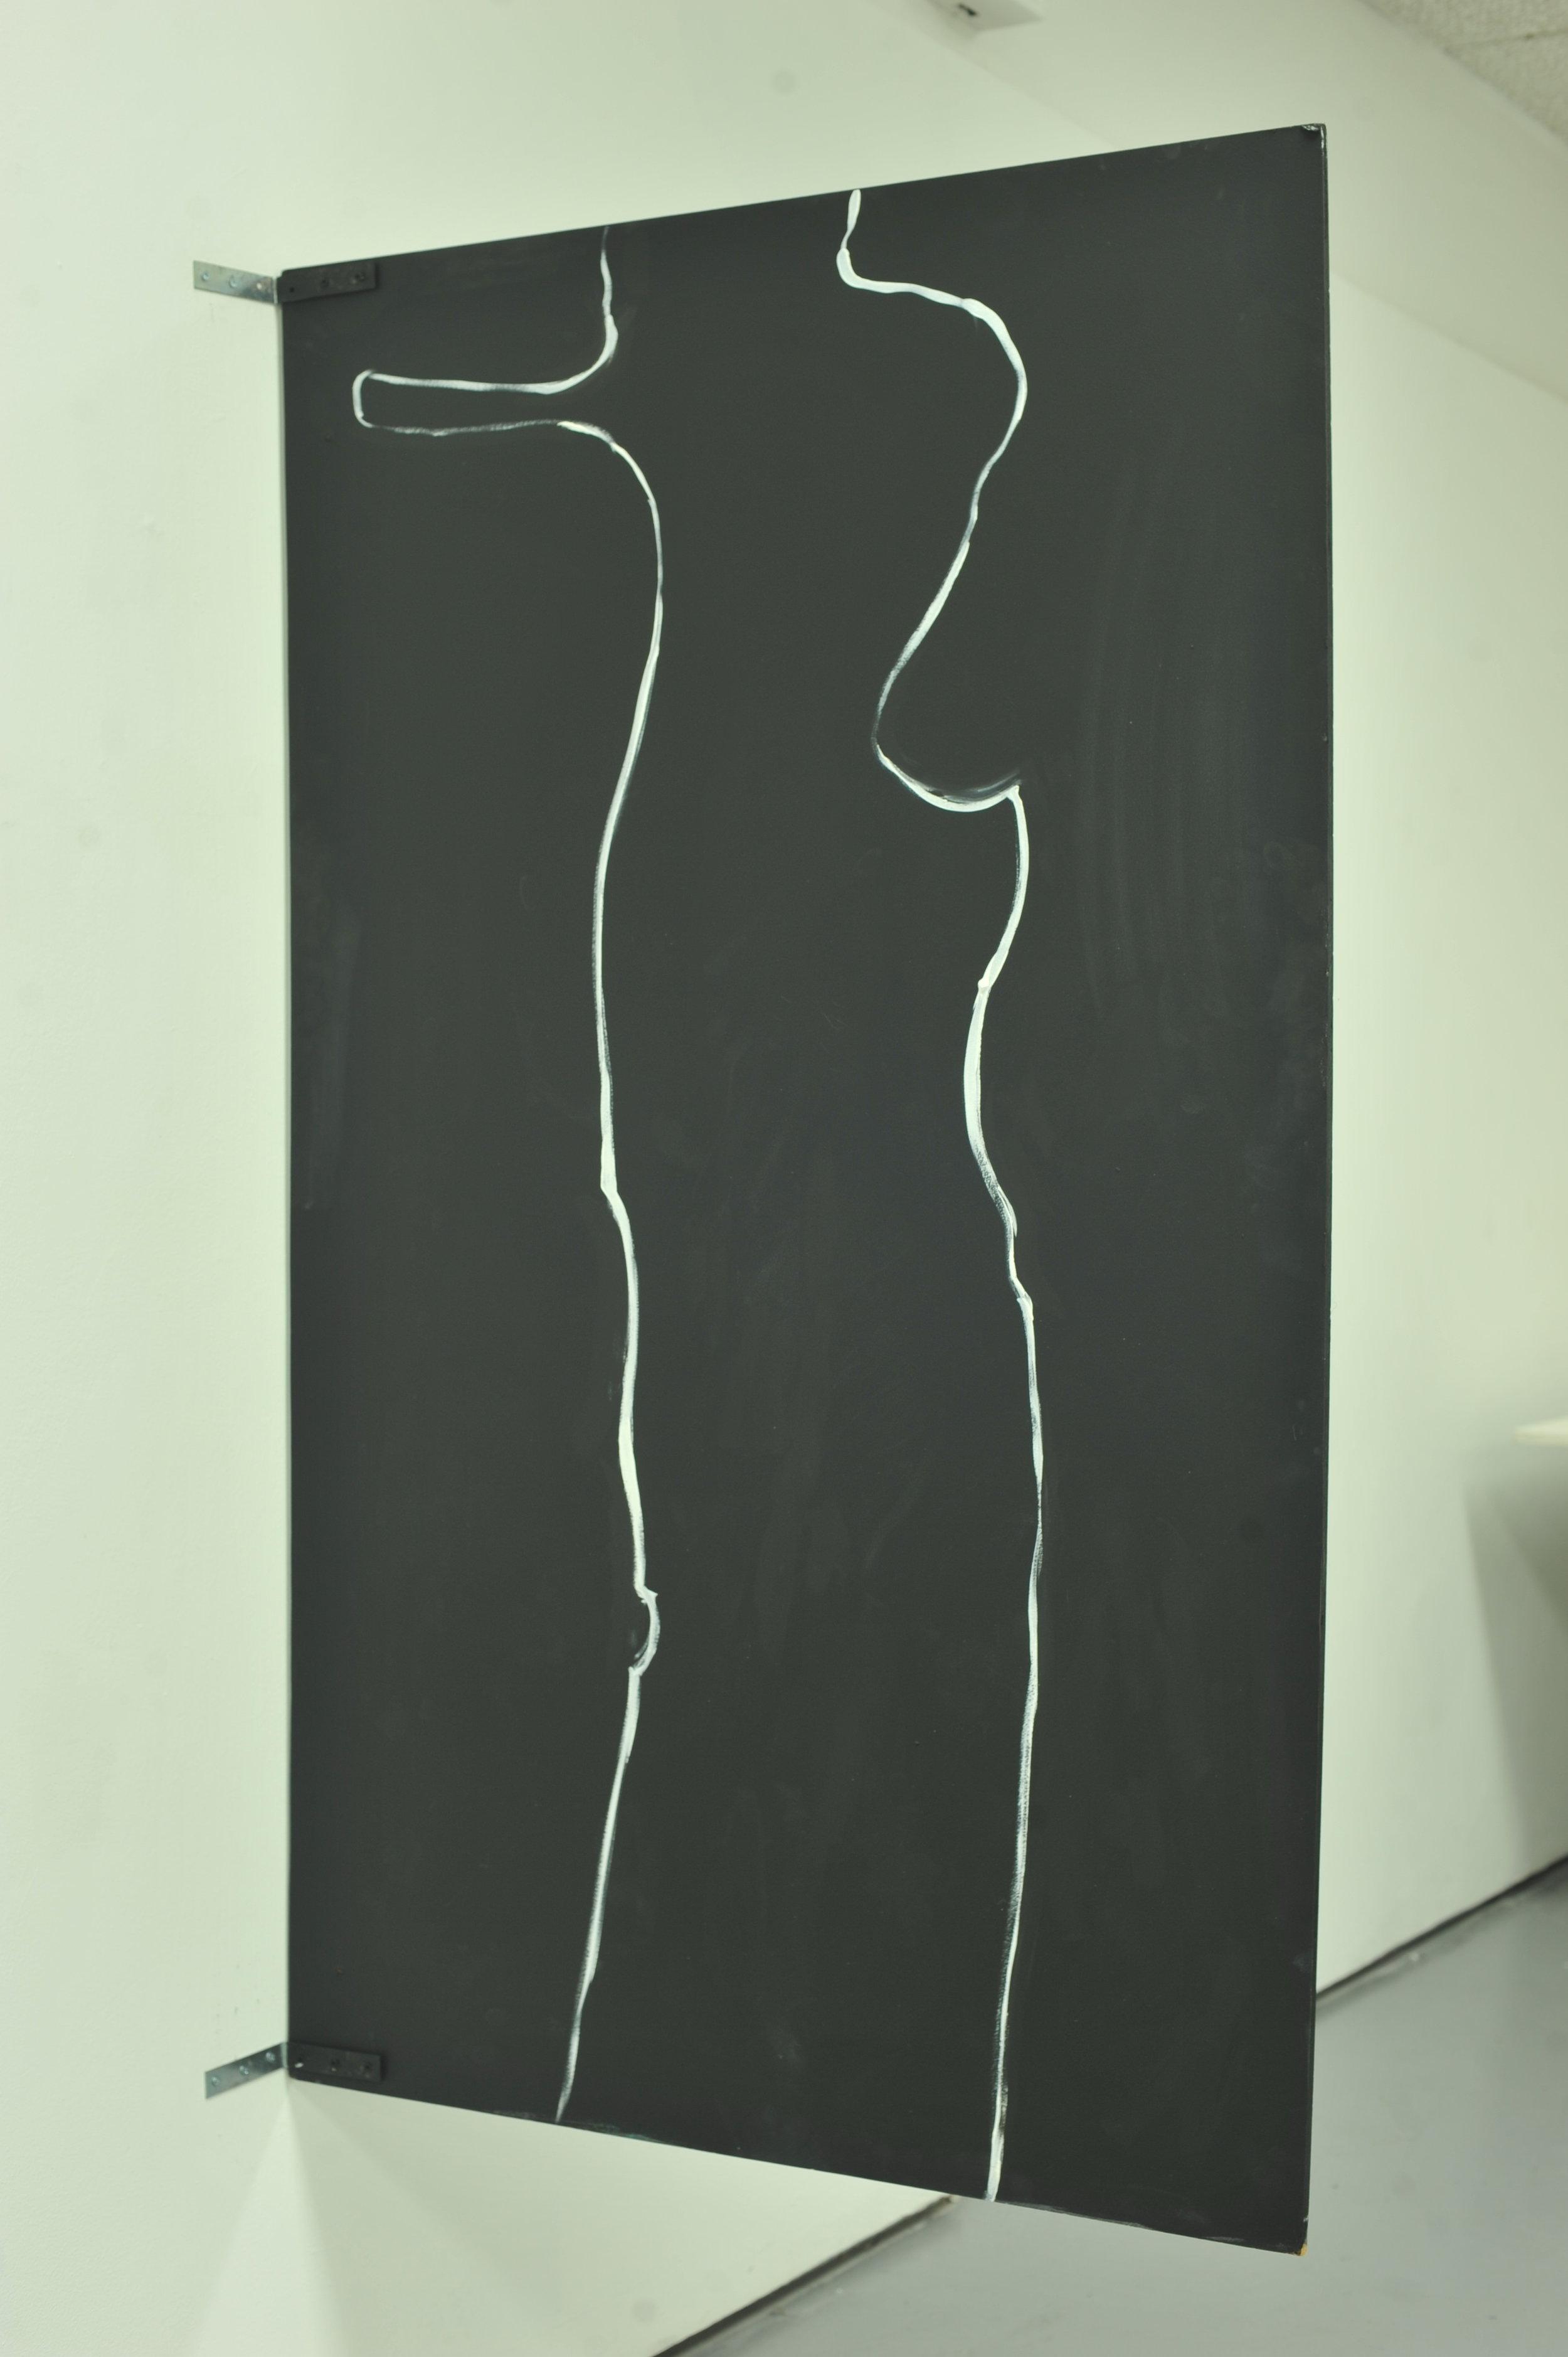 Dead nice part 1   2017  white paint on blackboard